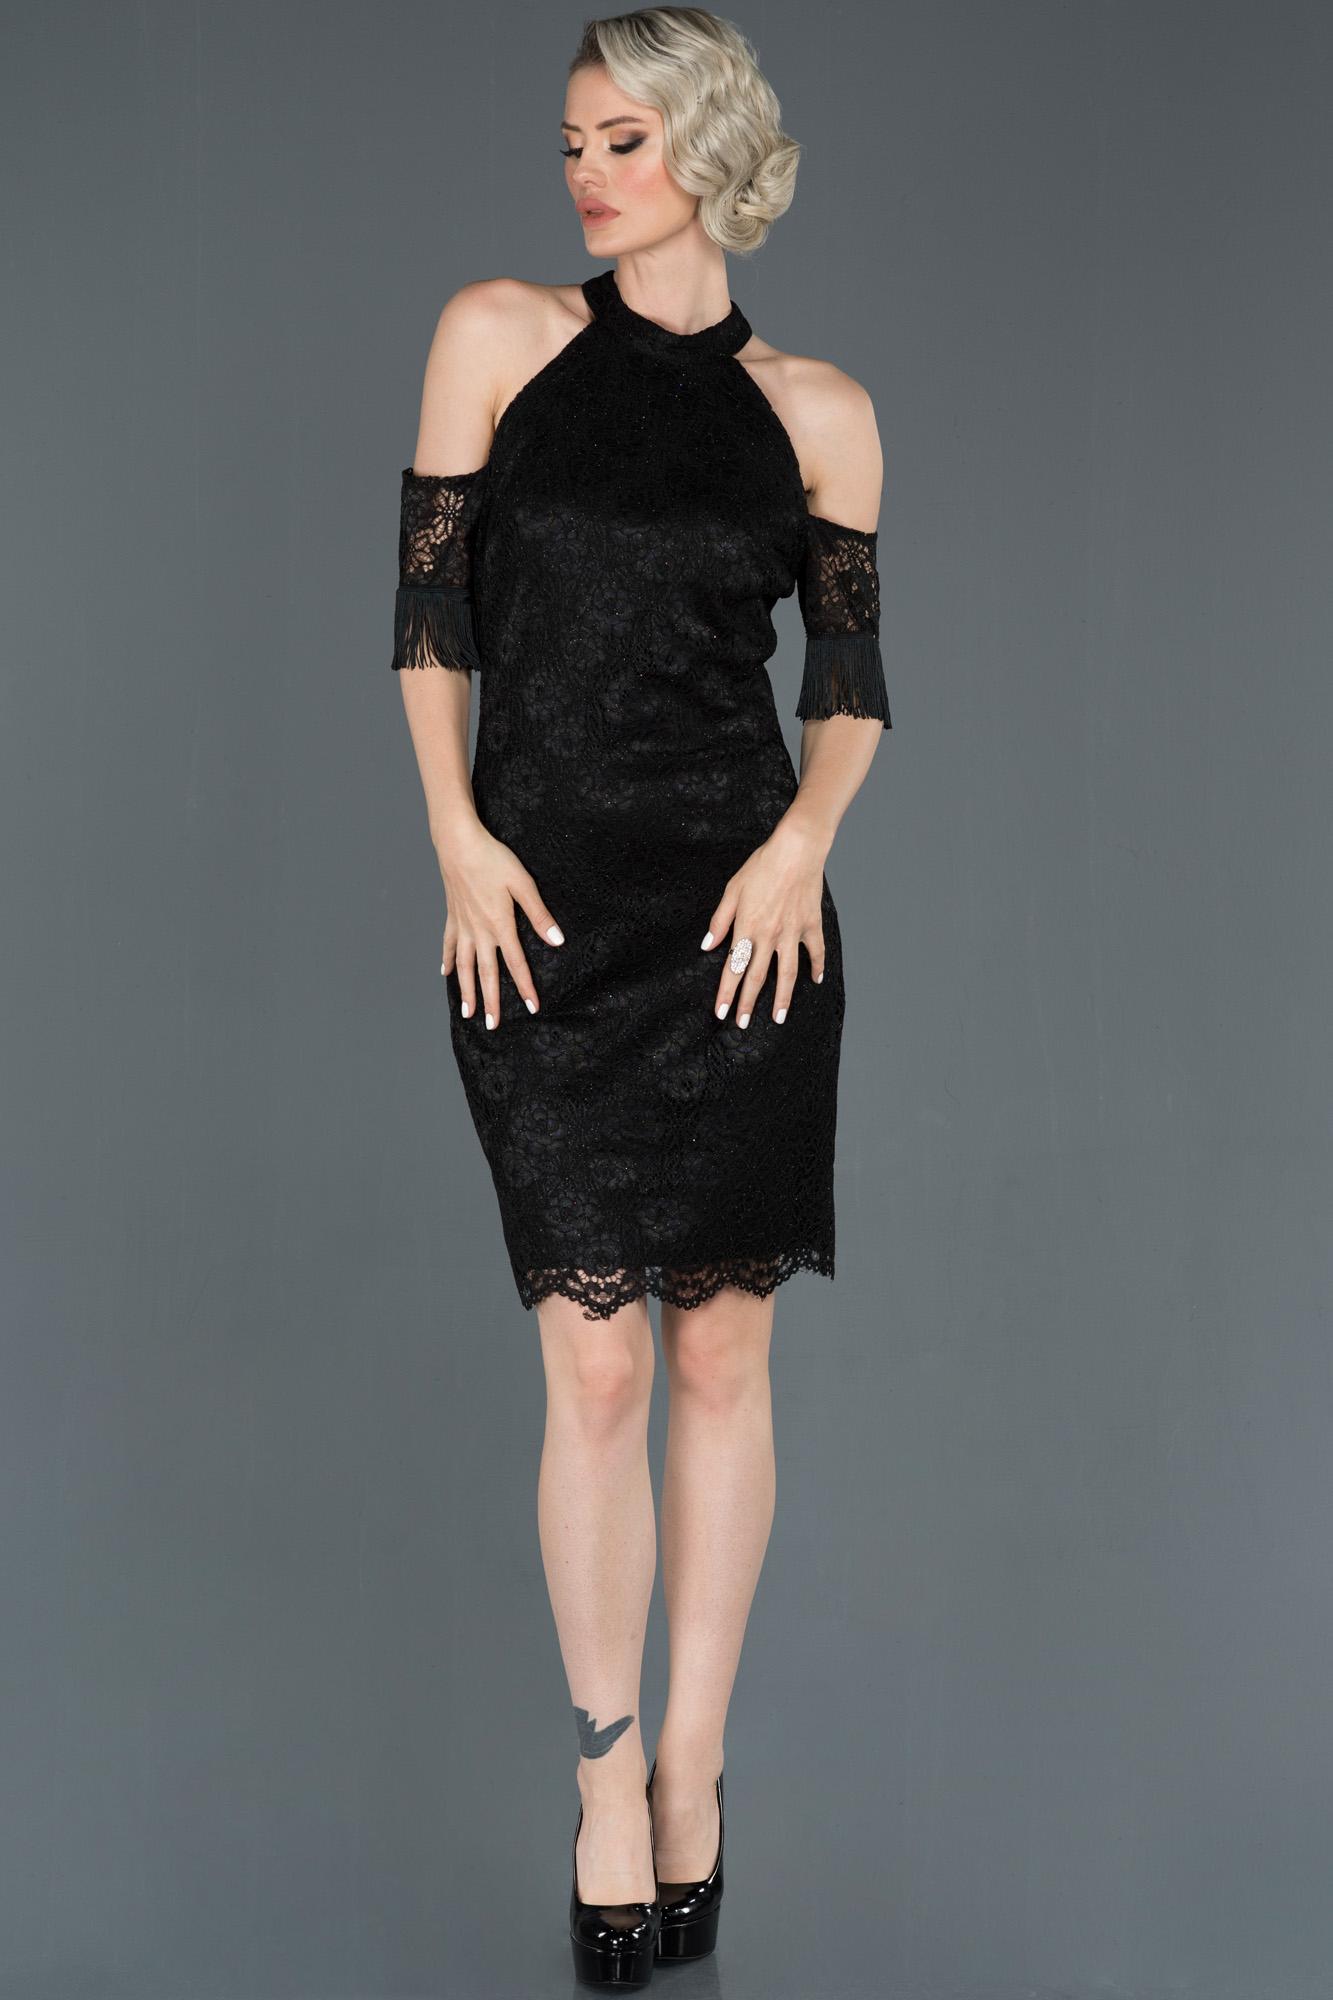 Siyah Omuz Dekolteli Güpürlü Davet Elbisesi